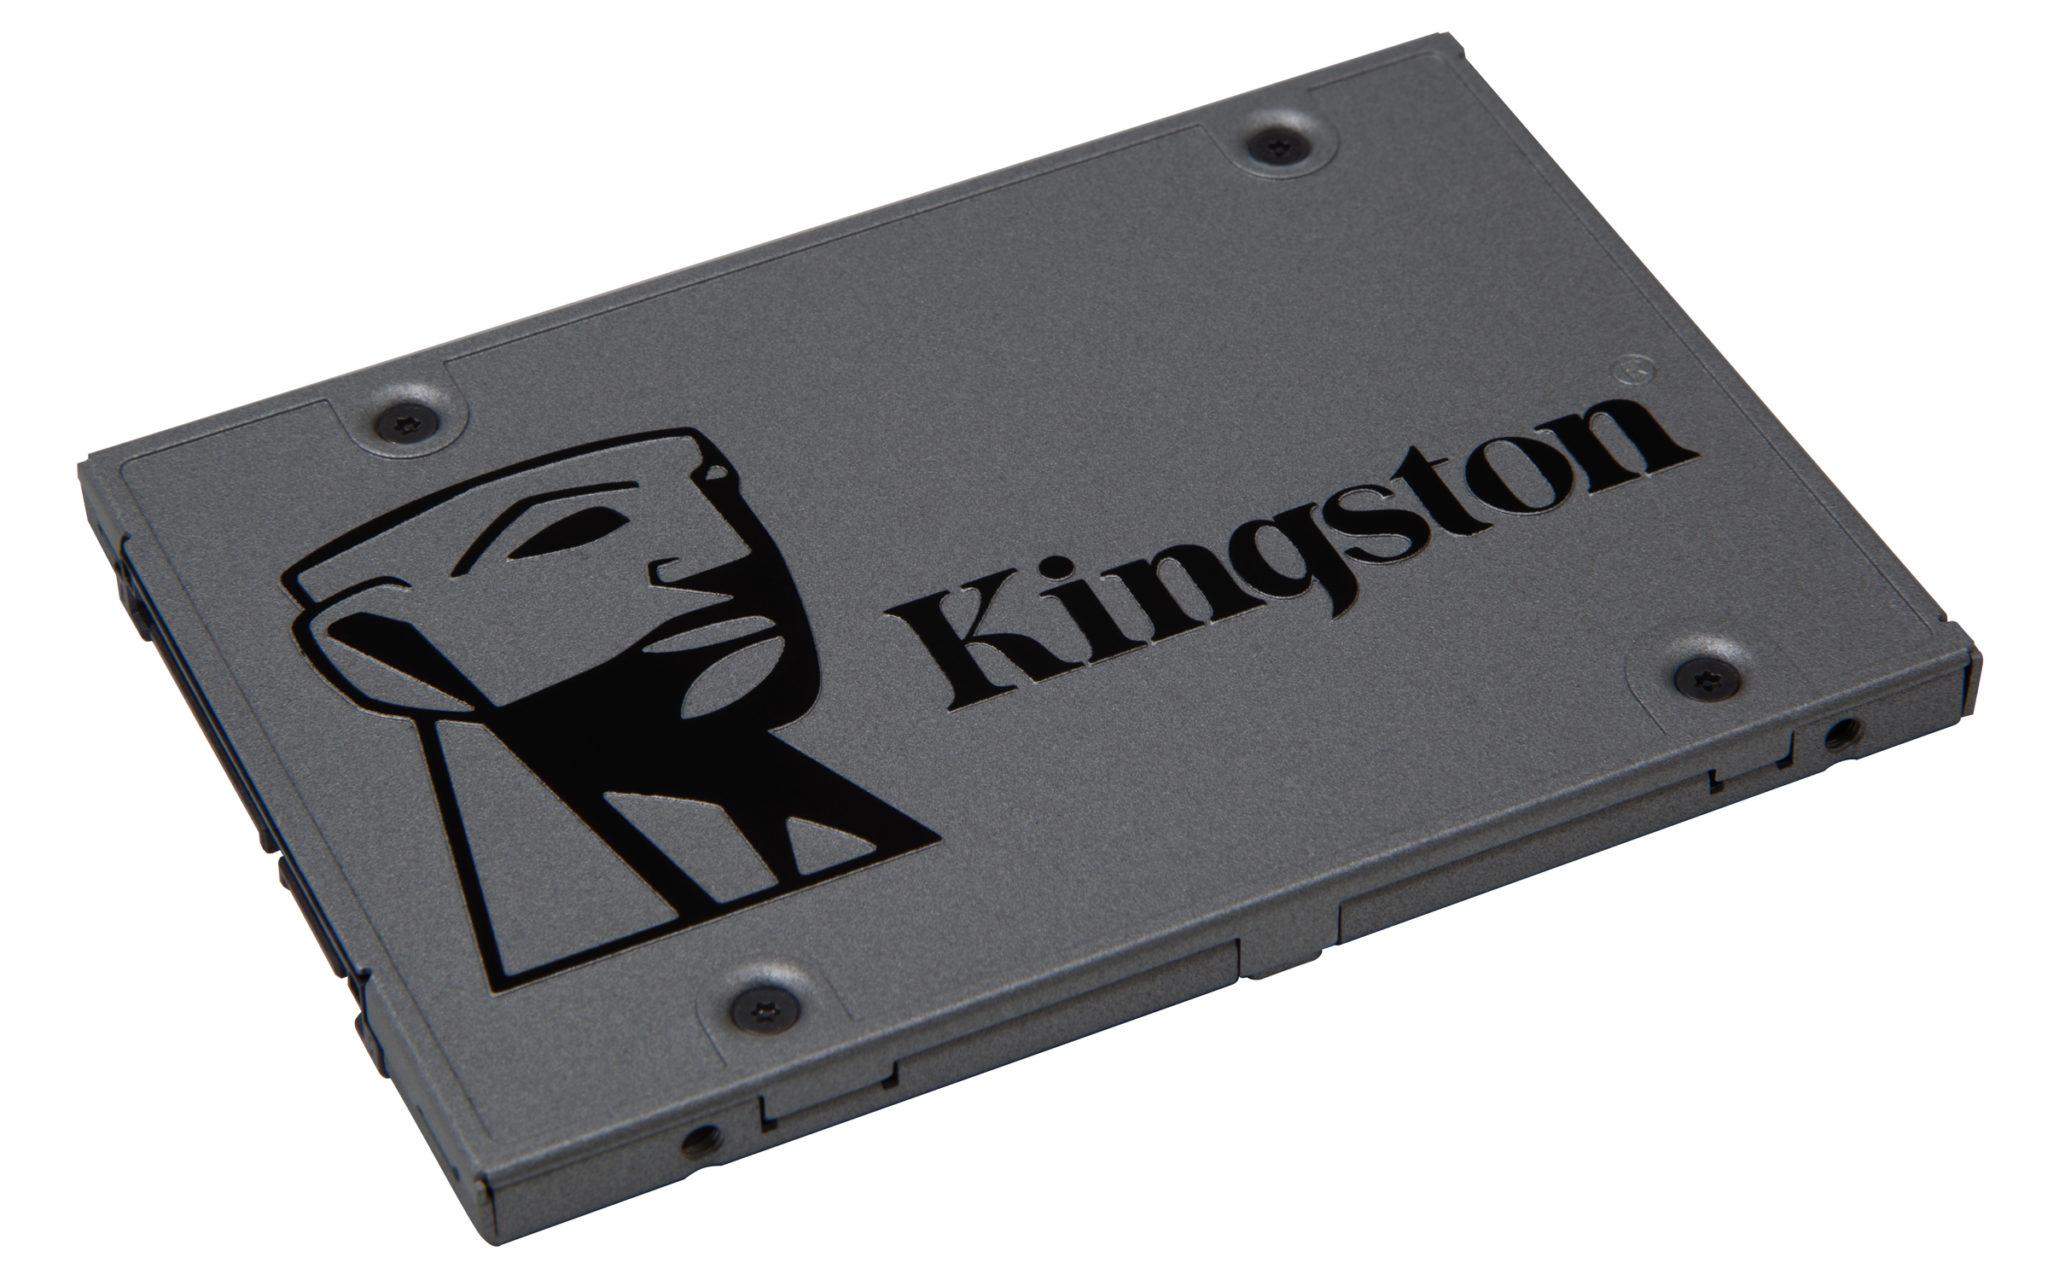 SSD diskur frá Kingston sem er allt að 10 sinnum hraðari en hefðbundinn harður diskur.